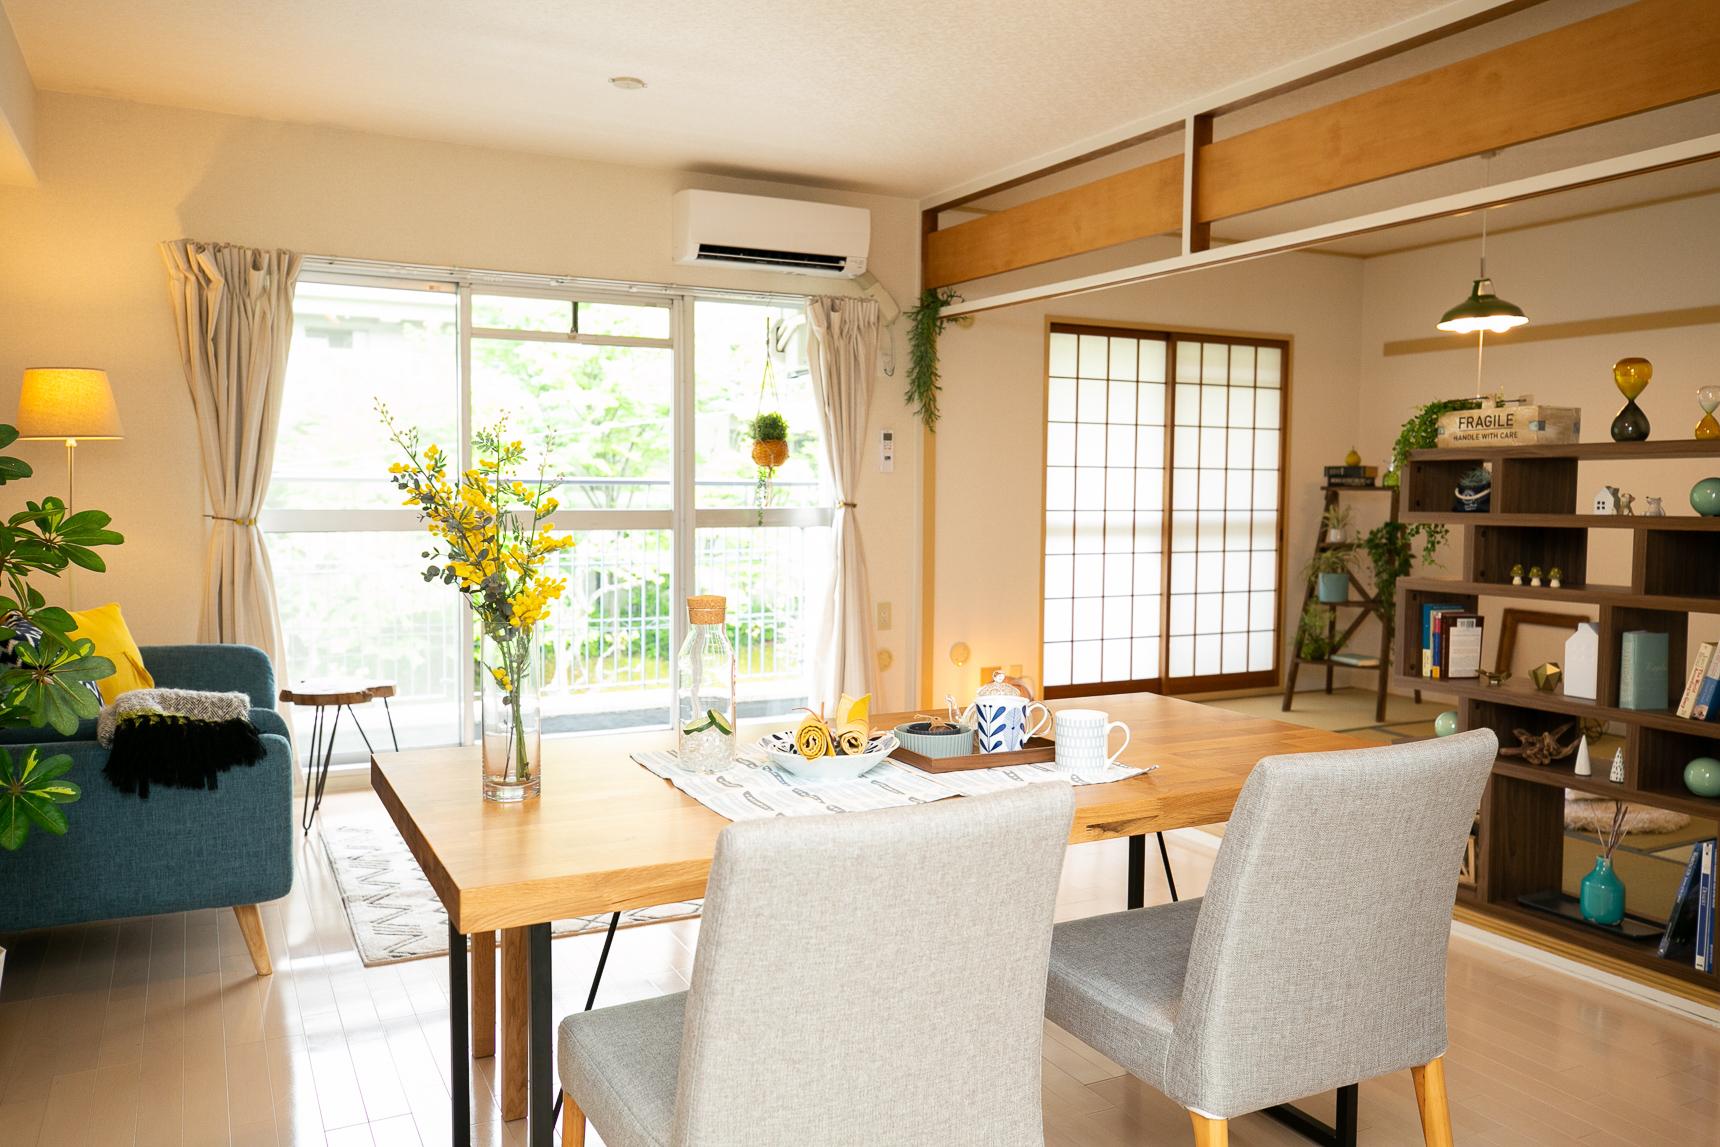 UR賃貸住宅には、リノベーションを実施したお部屋もたくさんあります(こちらは藤沢台第3団地 https://www.goodrooms.jp/journal/?p=23636)